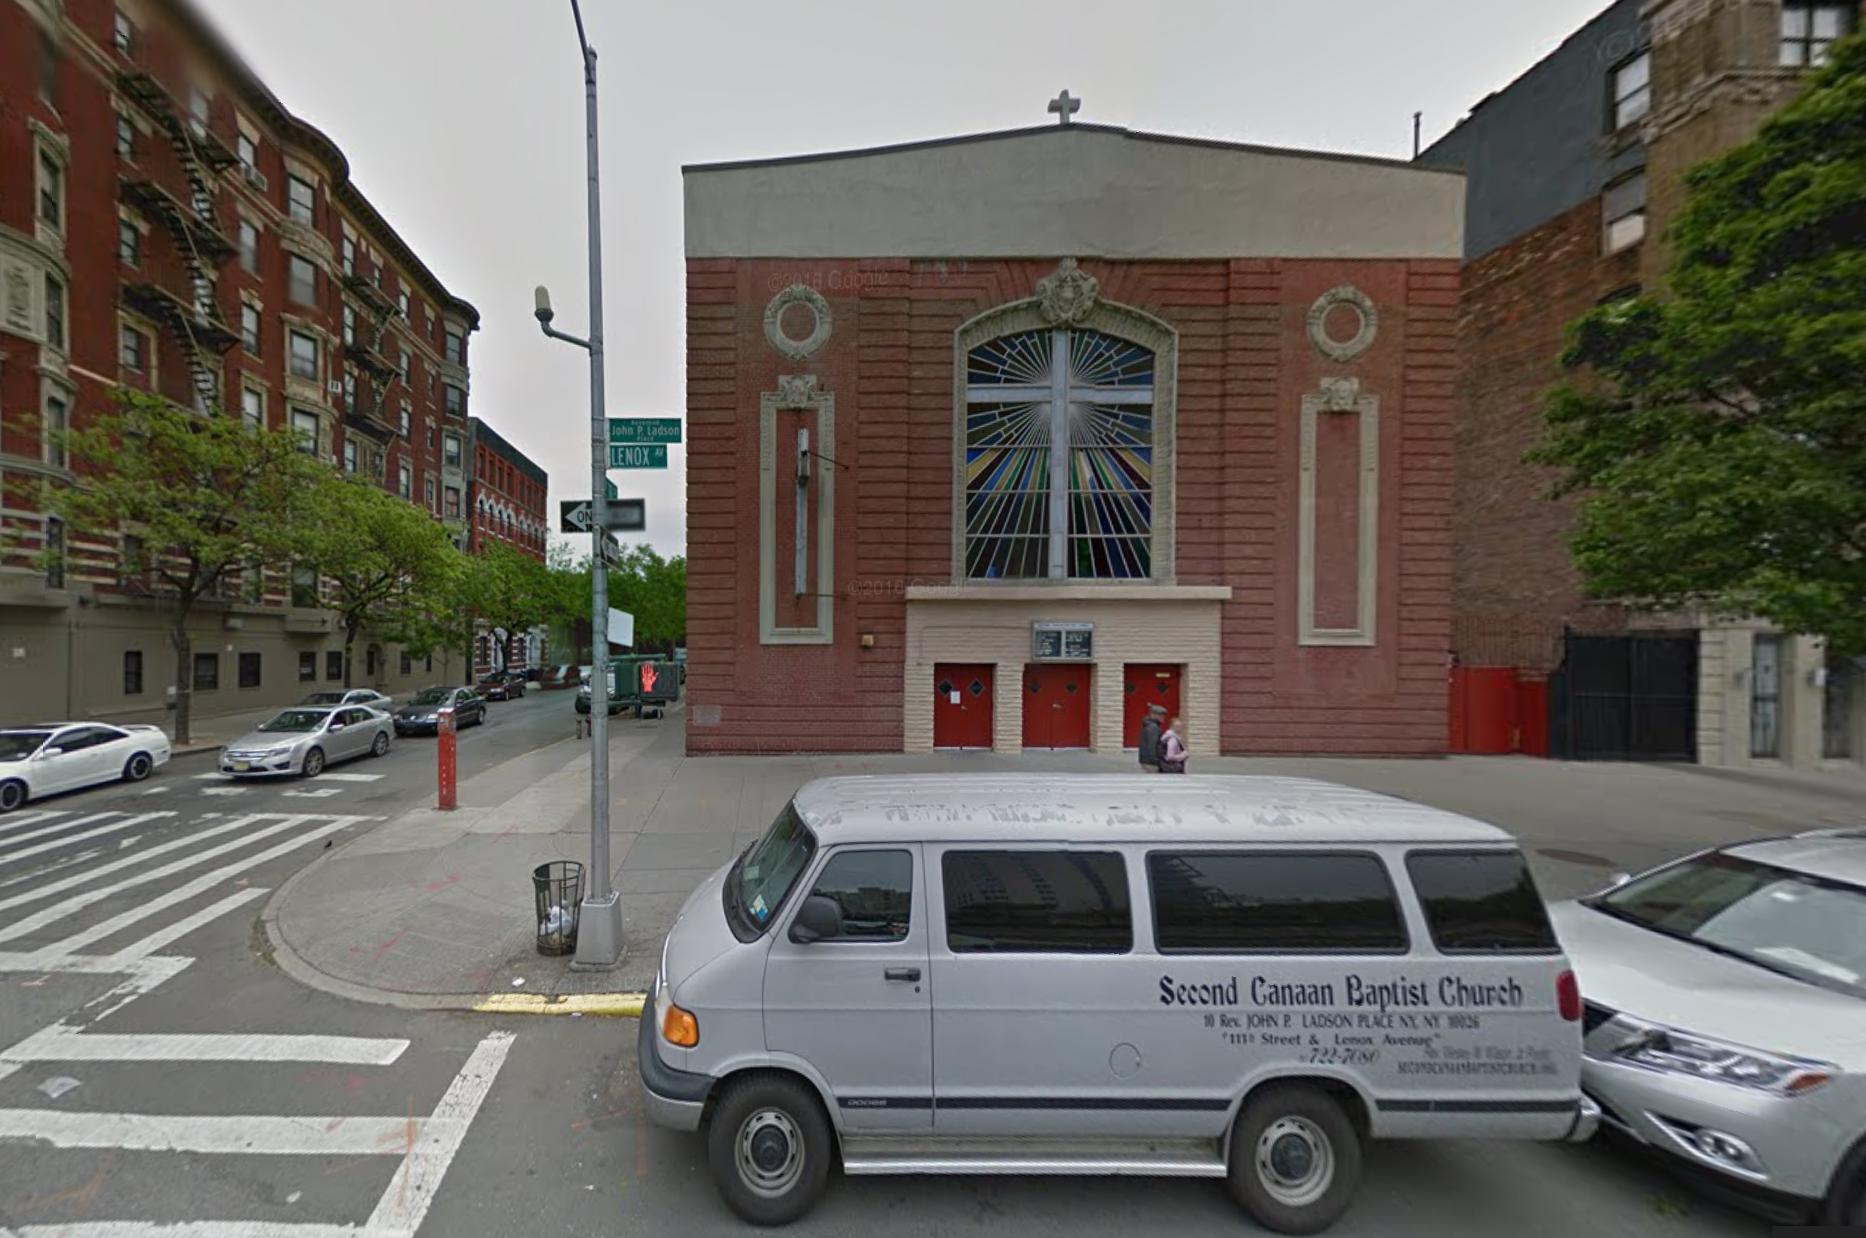 10 Lenox Avenue. image via Google Maps